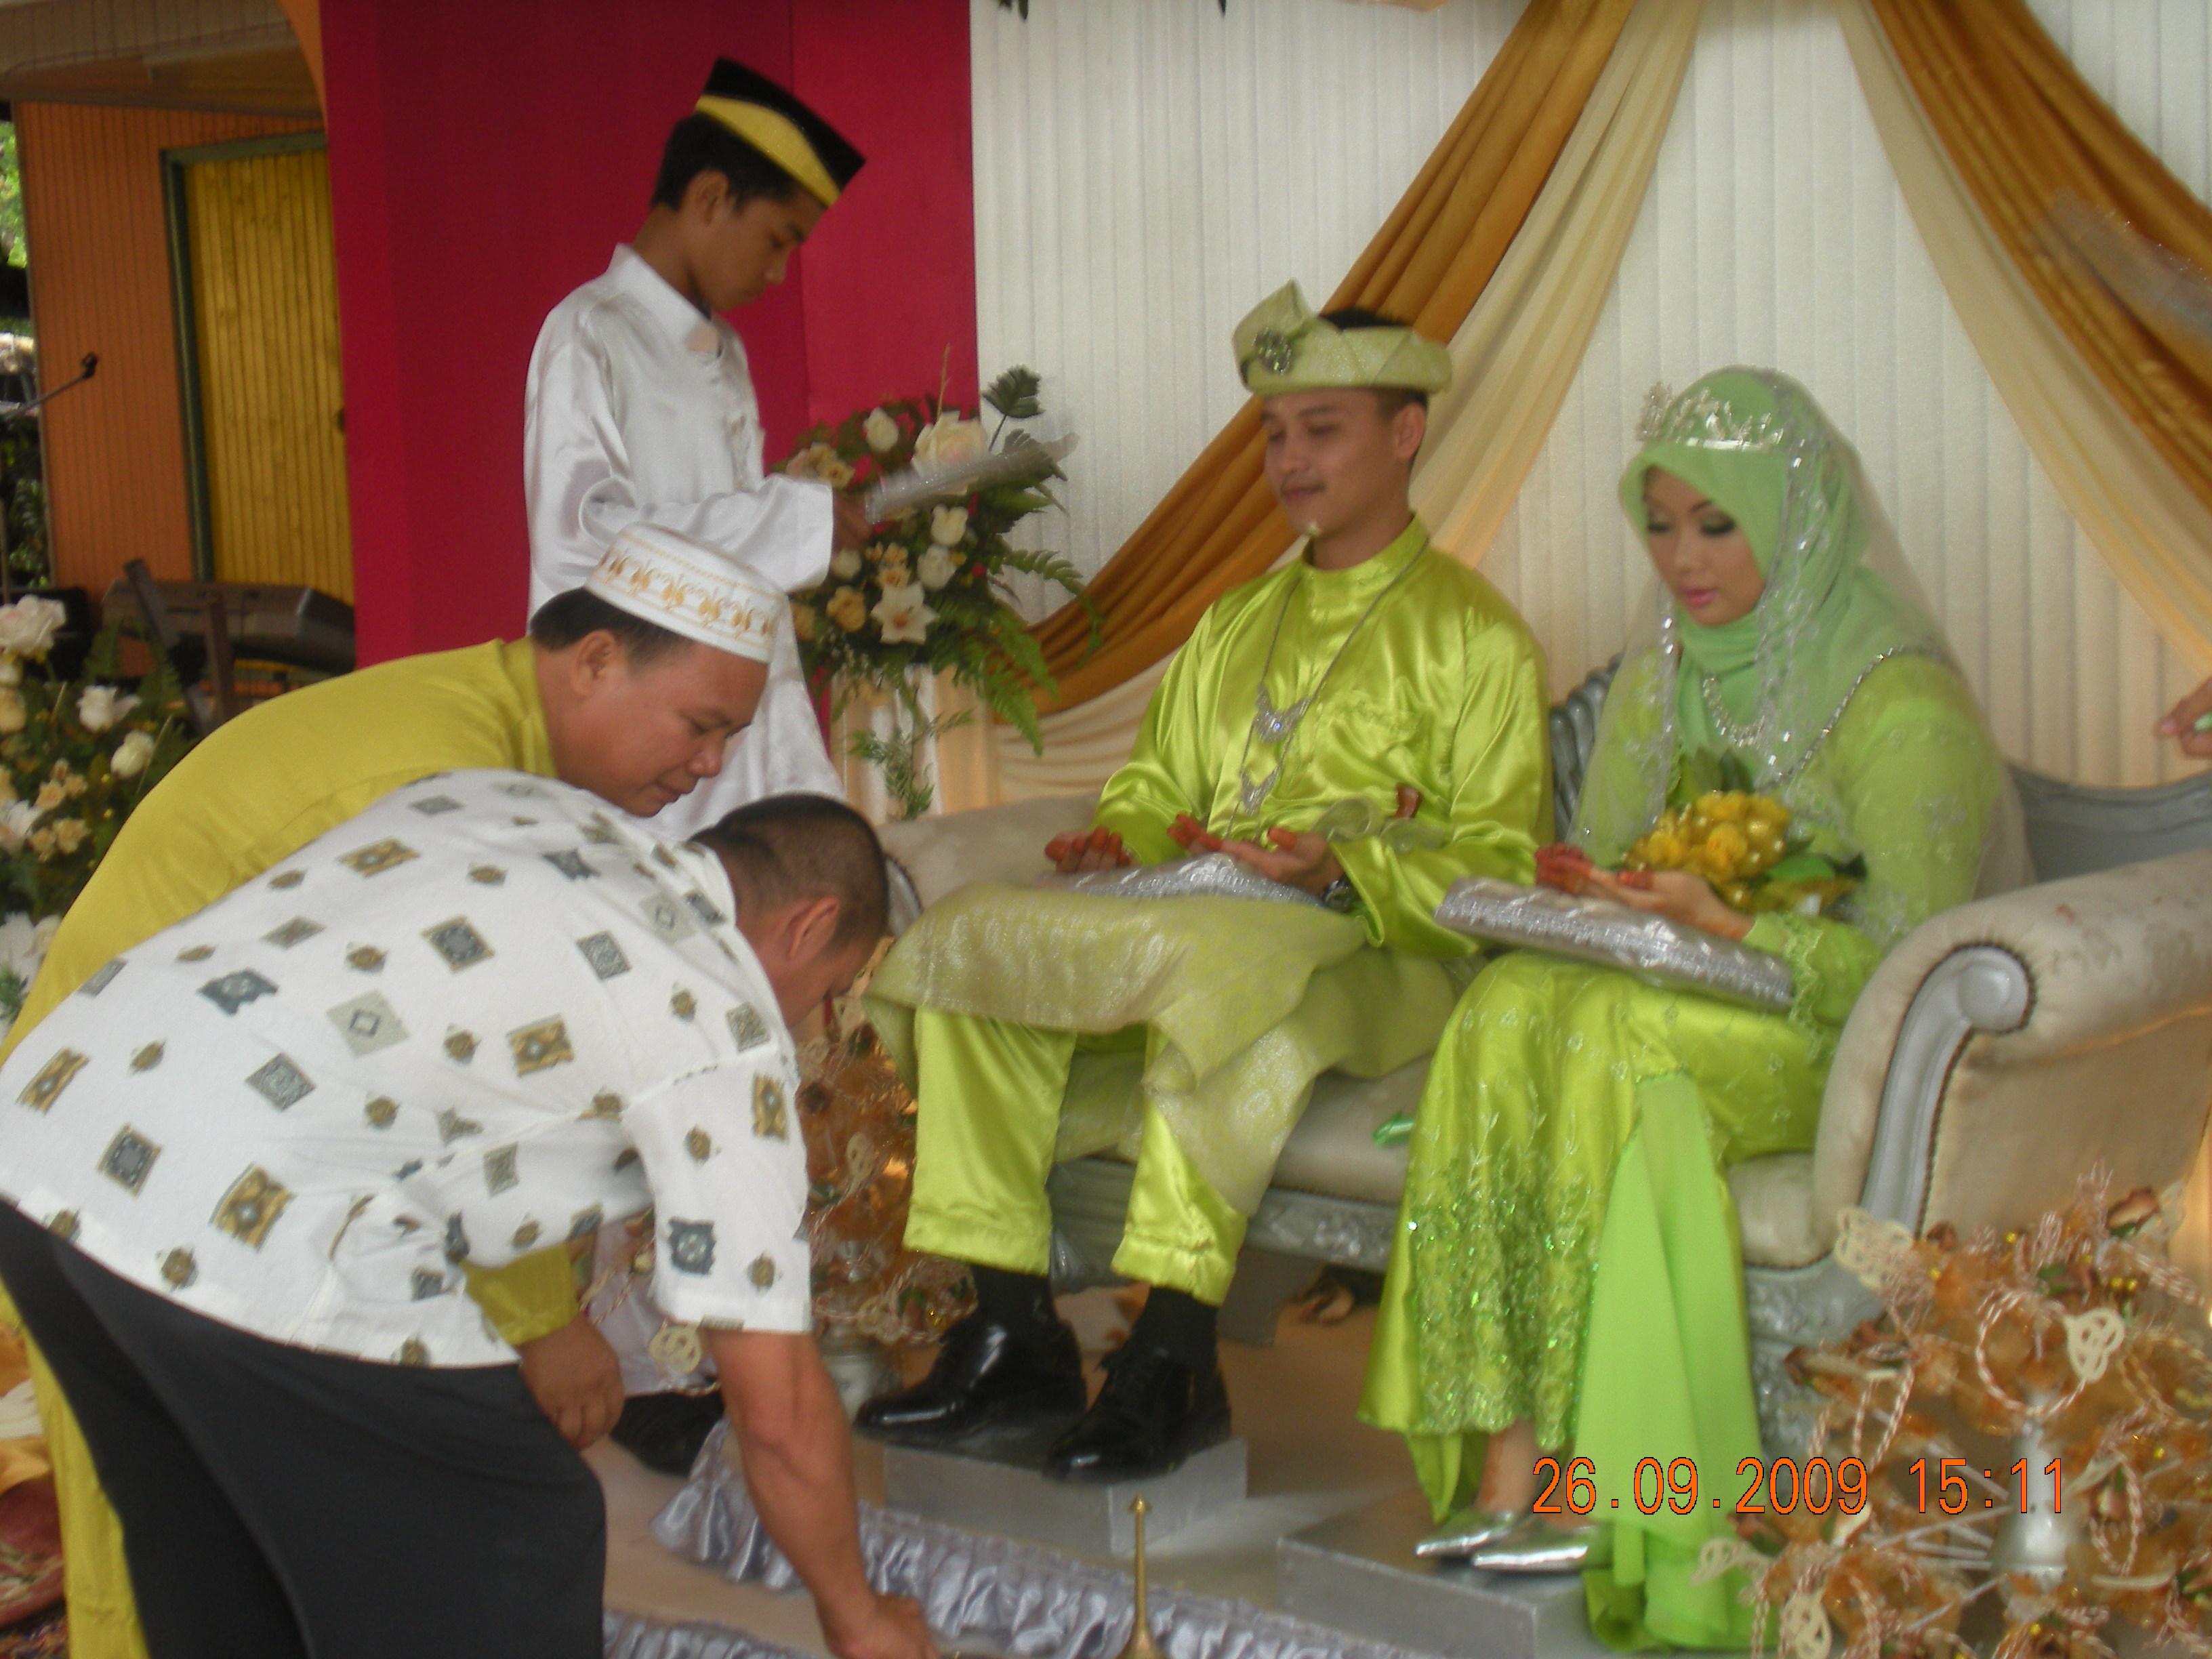 Mohd Jeffrin berbaju melayu kuning dan besannya En Risit, bapa kepada pengantin lelaki sedang melakukan renjisan kepada anak tersayang di pelamin. Kini sudah berbesan rupanya Cikgu jeffrin sekarang.